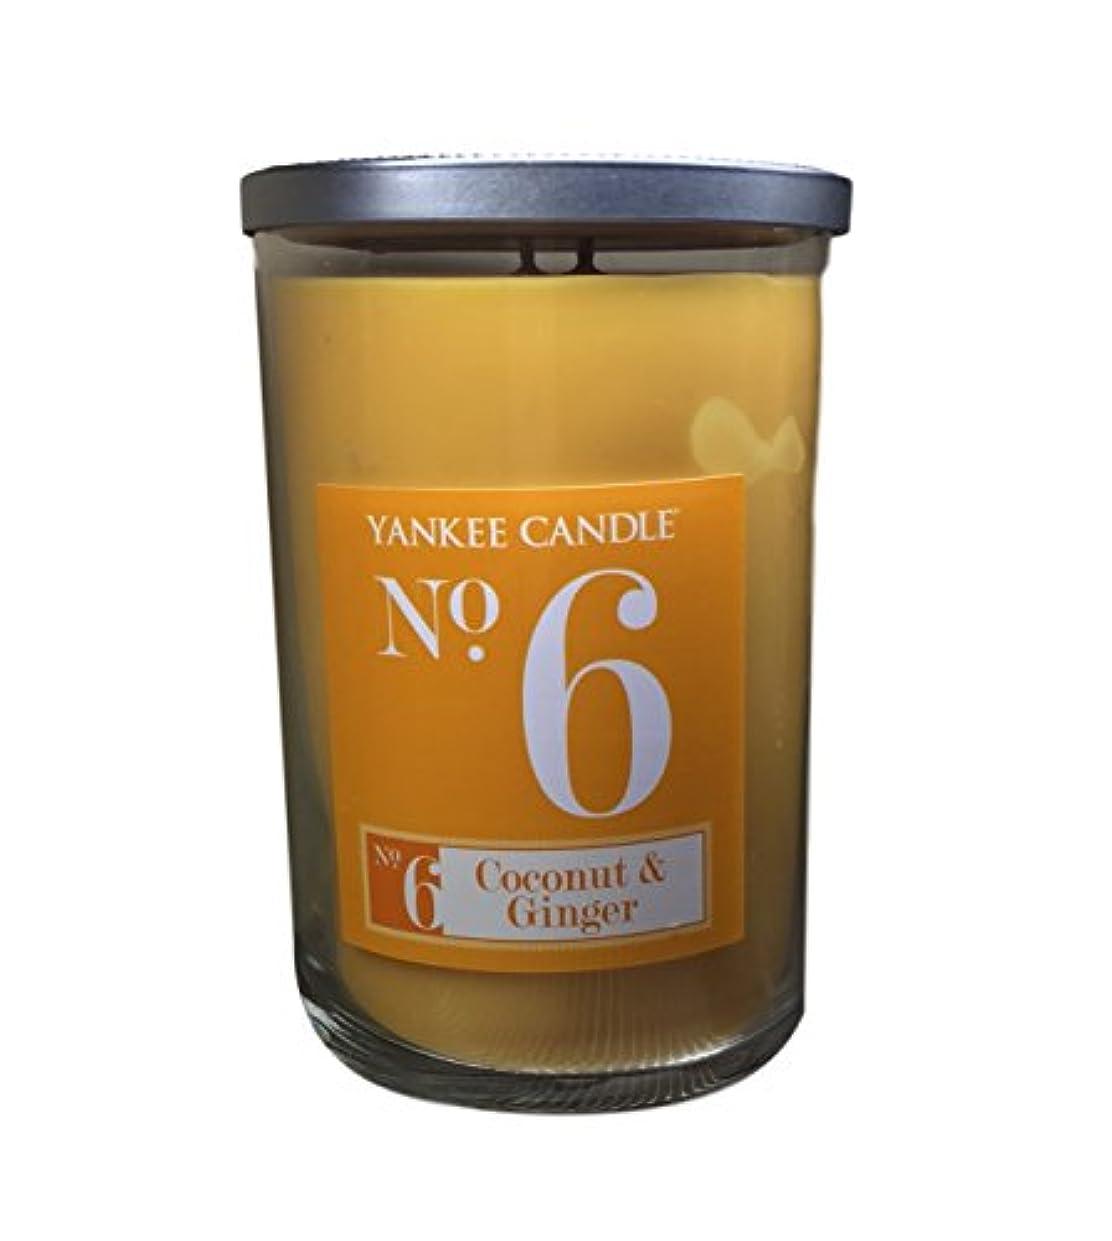 ずらす海峡ひもロールYankee Candle No 6 Coconut & Ginger香りつきLarge 2 Wickタンブラー